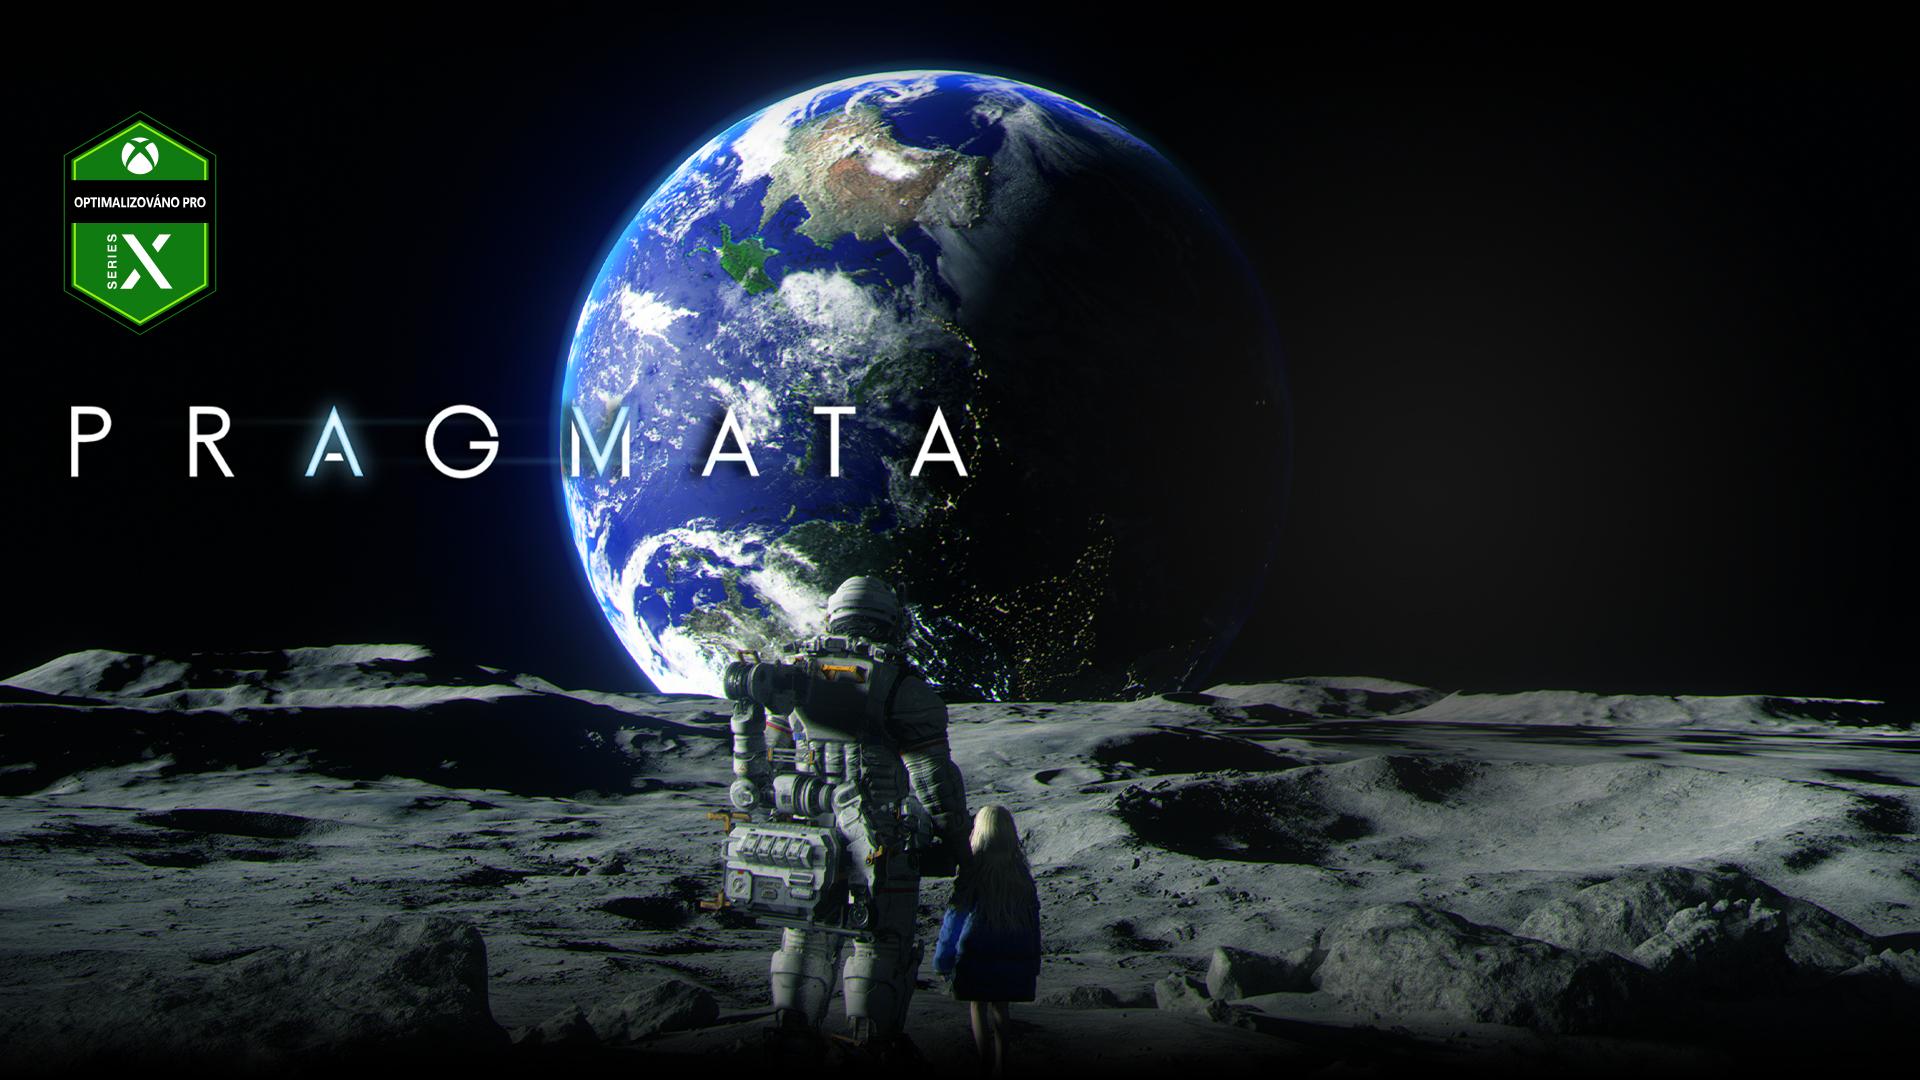 Logo optimalizováno pro Xbox Series X, Pragmata, Astronaut a mladá dívka spolu stojí na měsíci a pozorují Zemi.